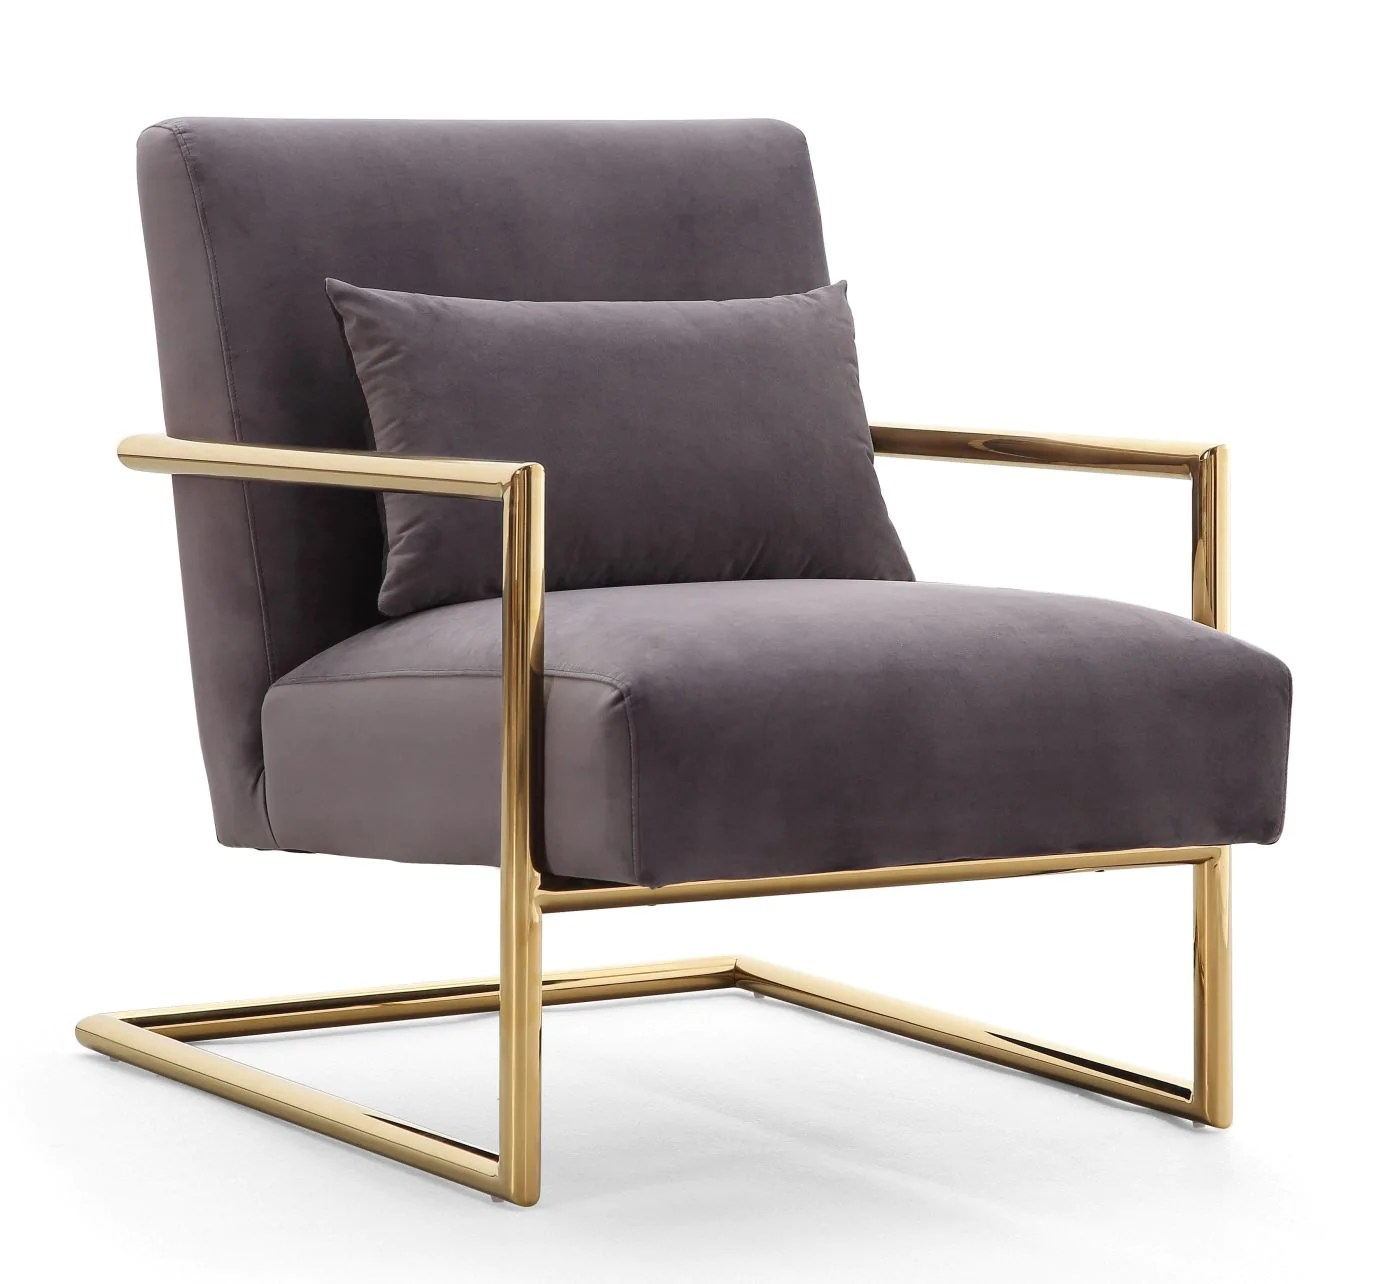 steel chair gold ozark trail folding buy tov furniture s6142 elle grey velvet stainless frame accent